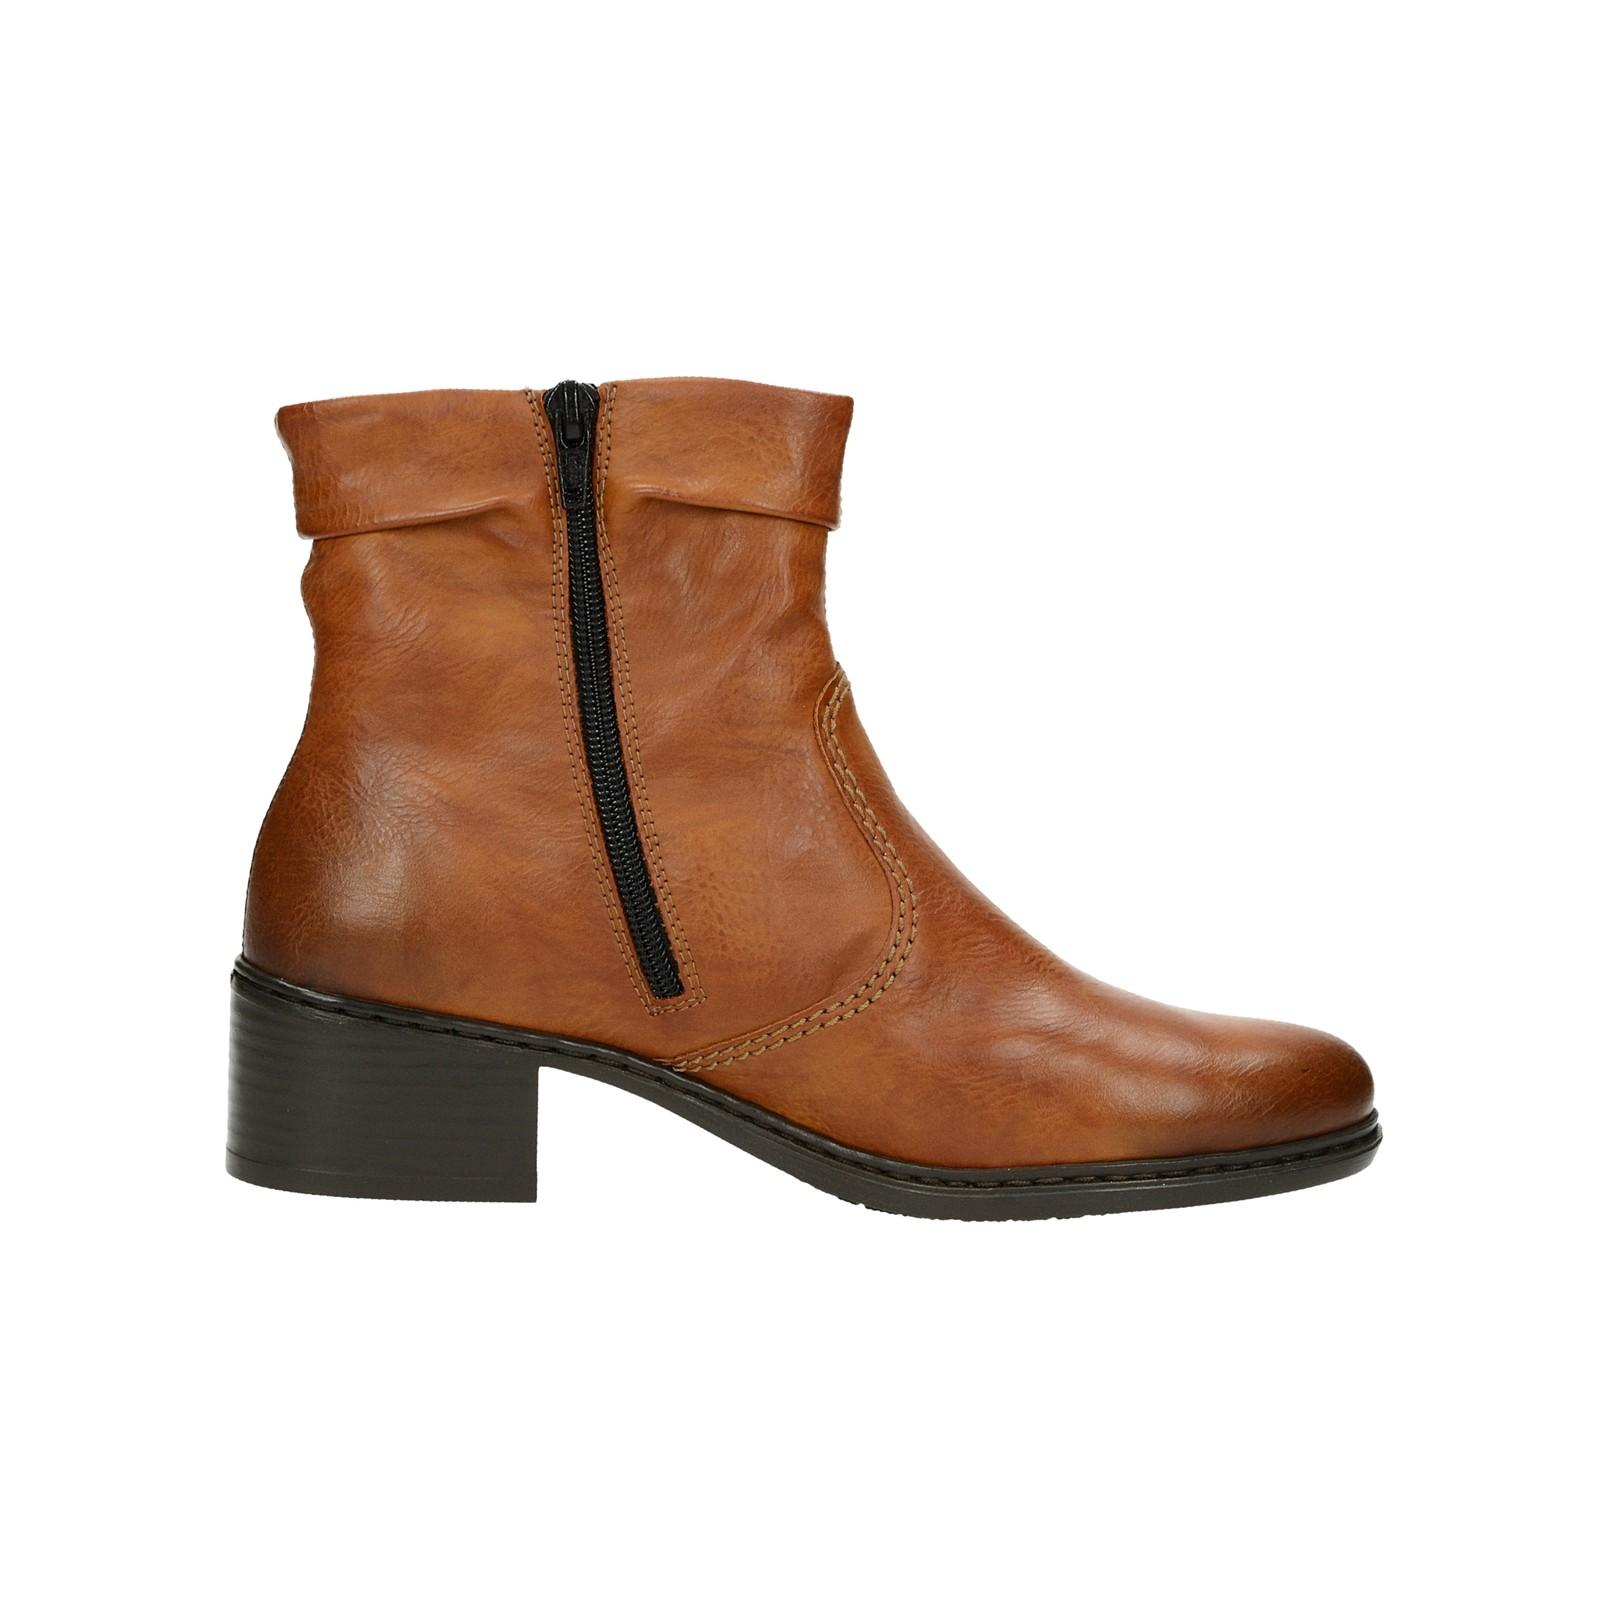 Rieker dámské kotníkové boty na zip - koňakové ... 0d4f729147